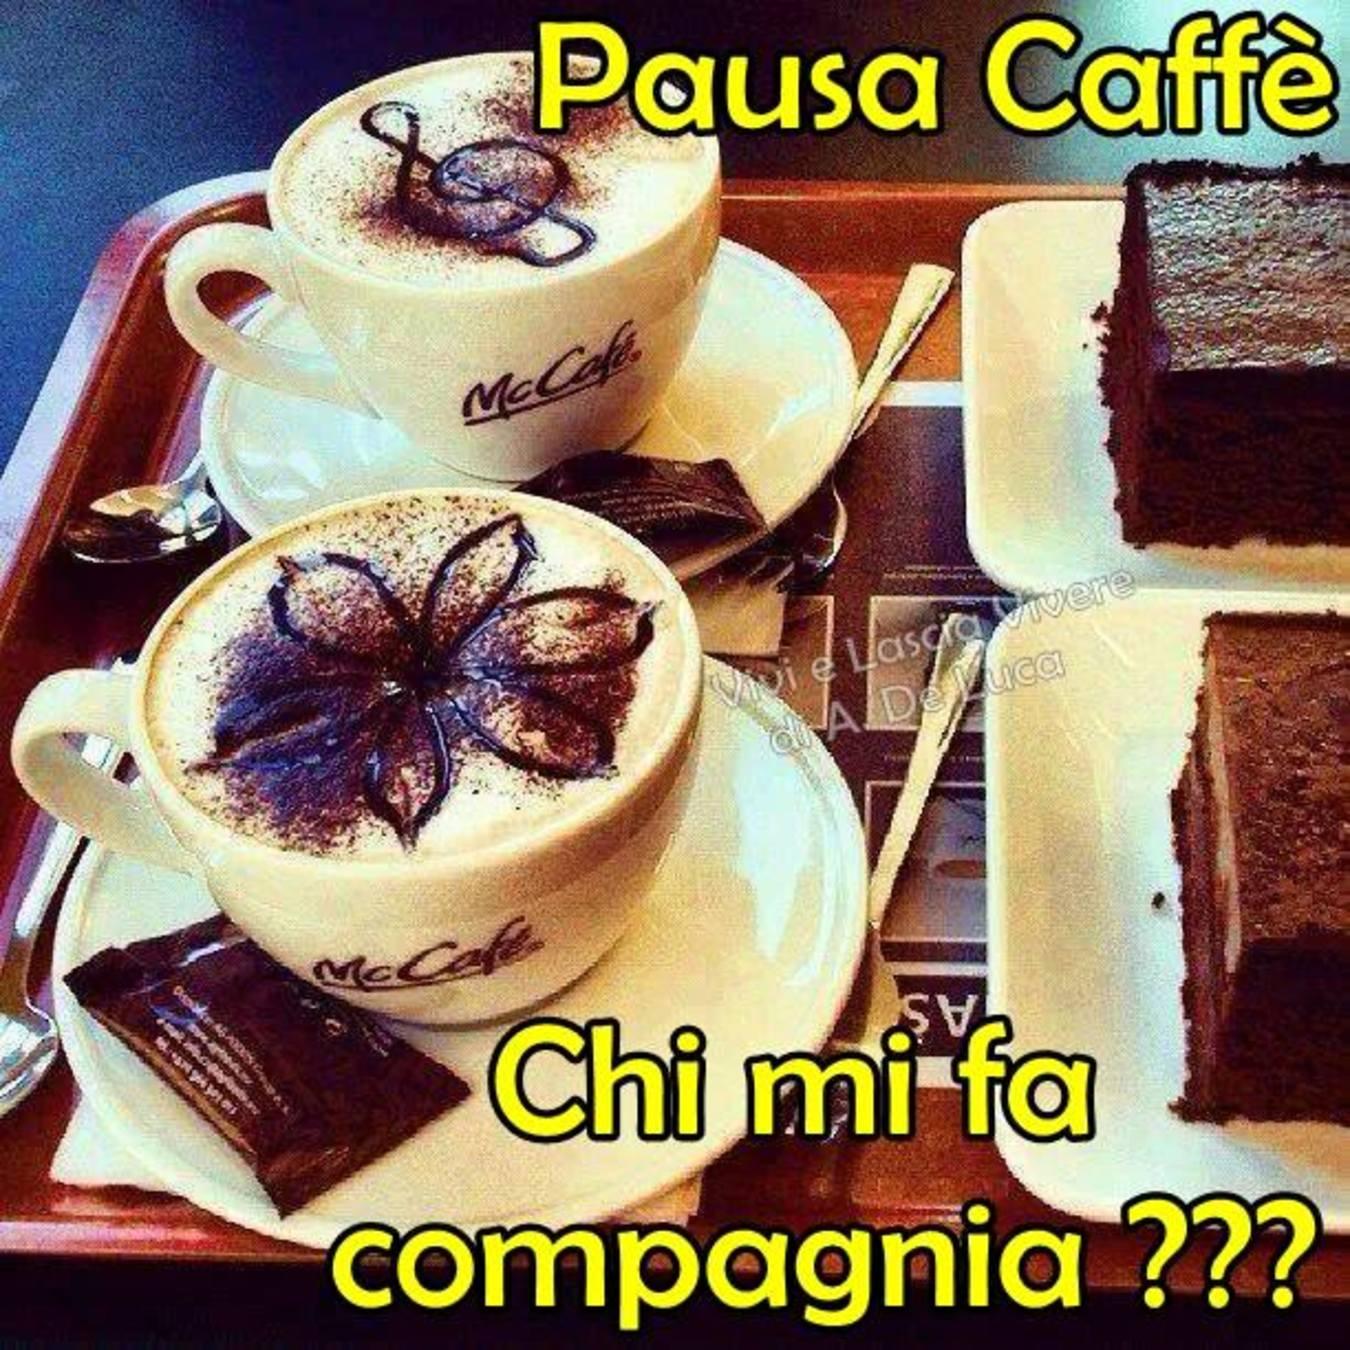 Immagini bellissime pausa caffè